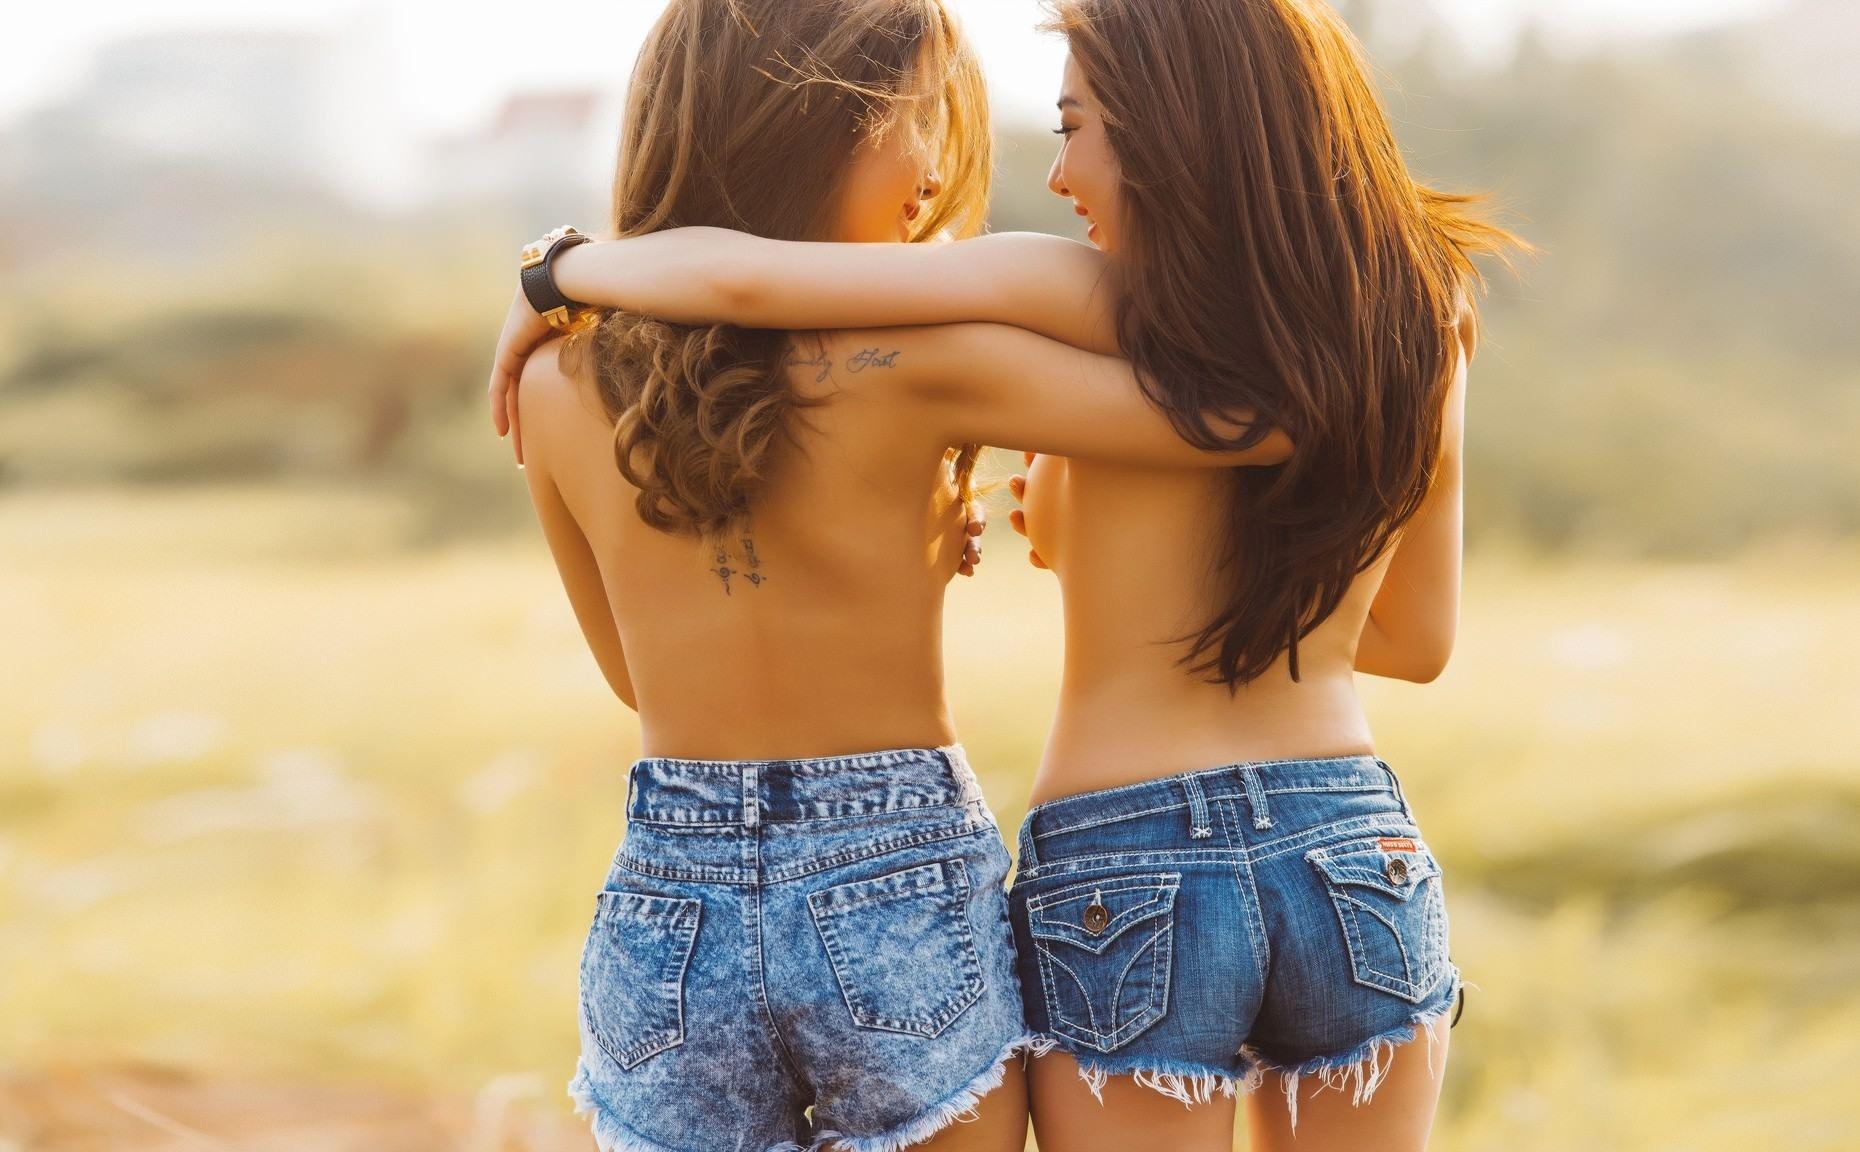 Фото Две веселые подруги в джинсовых шортиках обнимаются и идут по полю без лифчиков, скачать картинку бесплатно